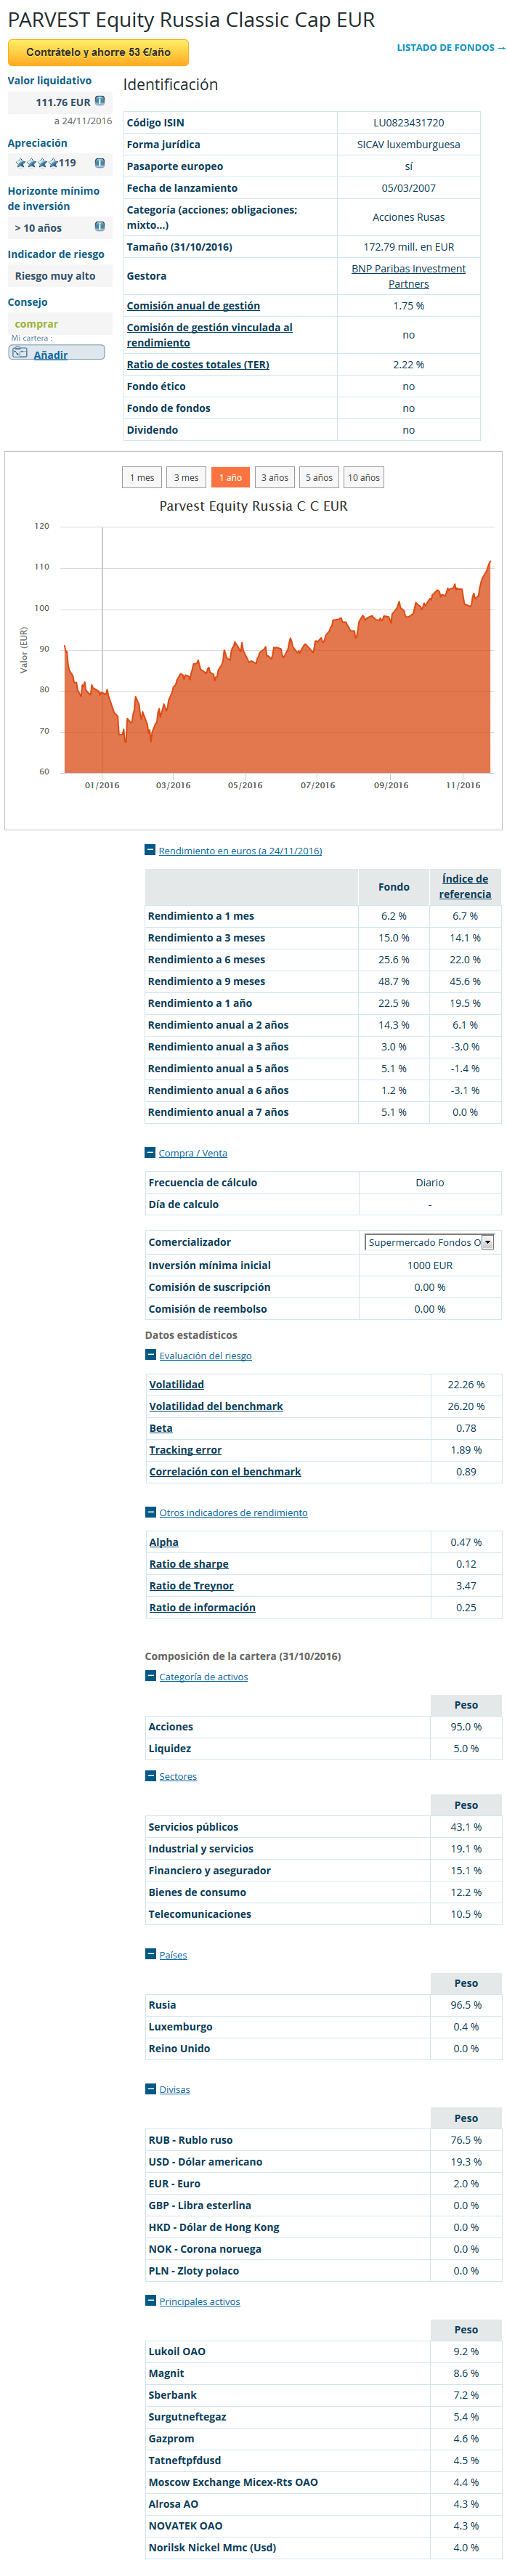 Detalle de un fondo de inversión en OCU Inversiones